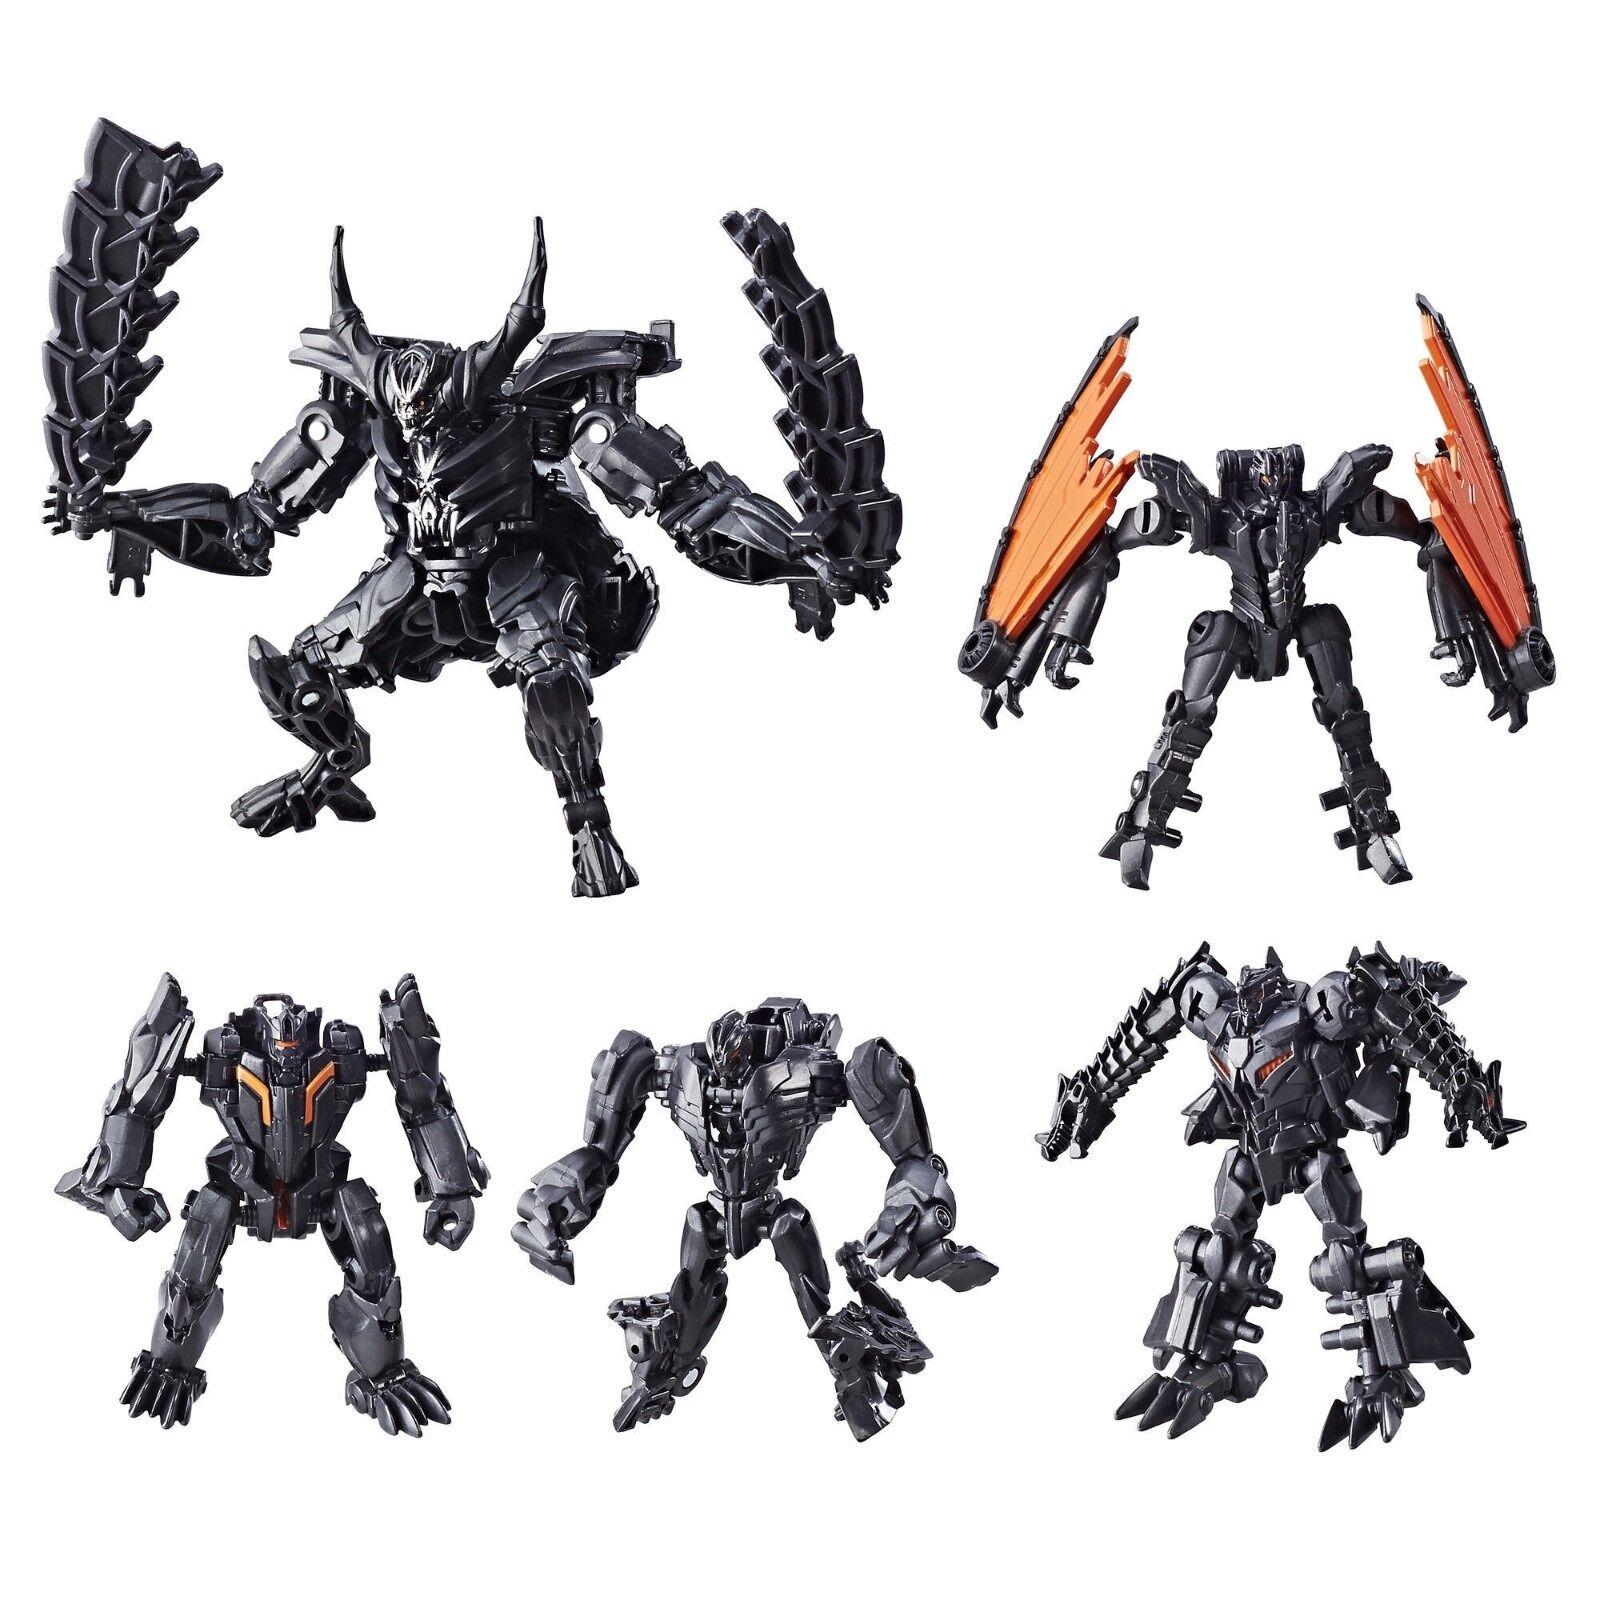 Transformers the Last Knight Infernocus Combiner TRU Exclusive Unopened